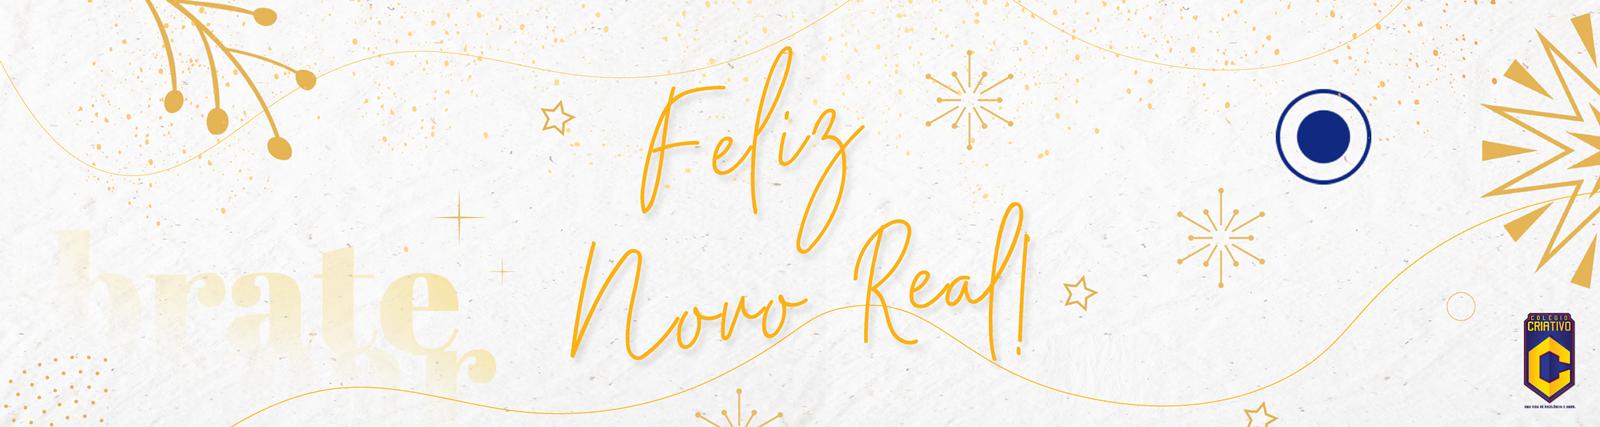 ano novo real